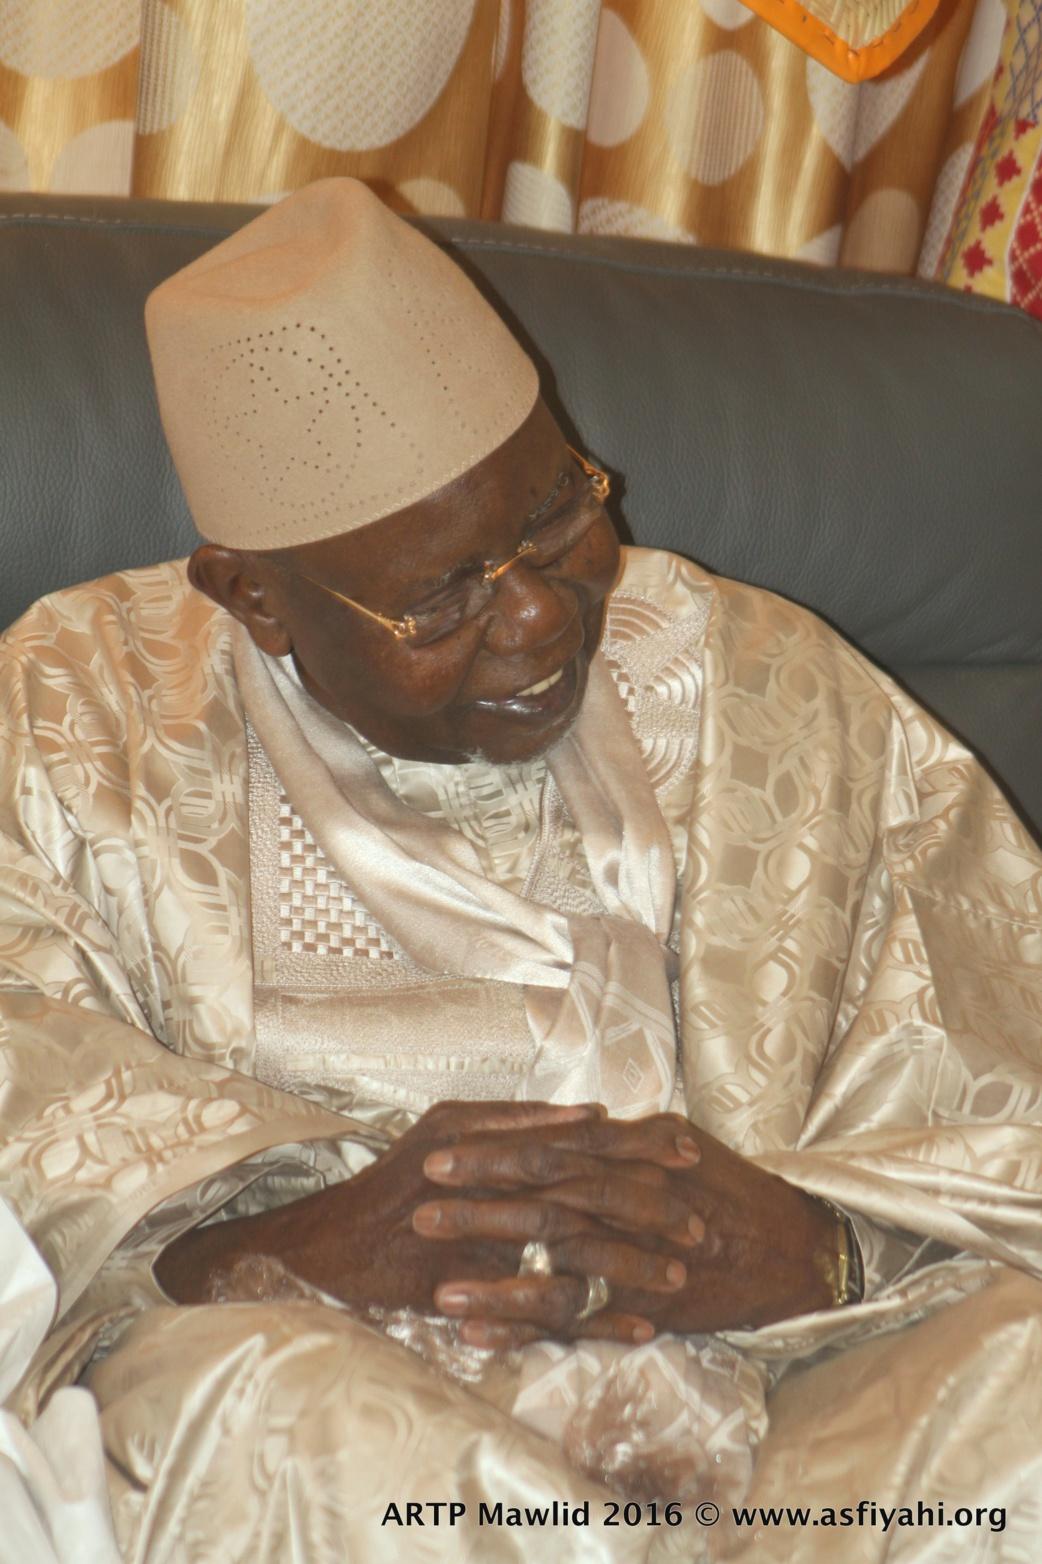 Gamou Tivaouane 2016 - L'ARTP renforce son dispositif et appuie les autorités religieuses : Le Directeur Abdou Karim Sall reçu par Serigne Abdoul Aziz Sy Al Amine